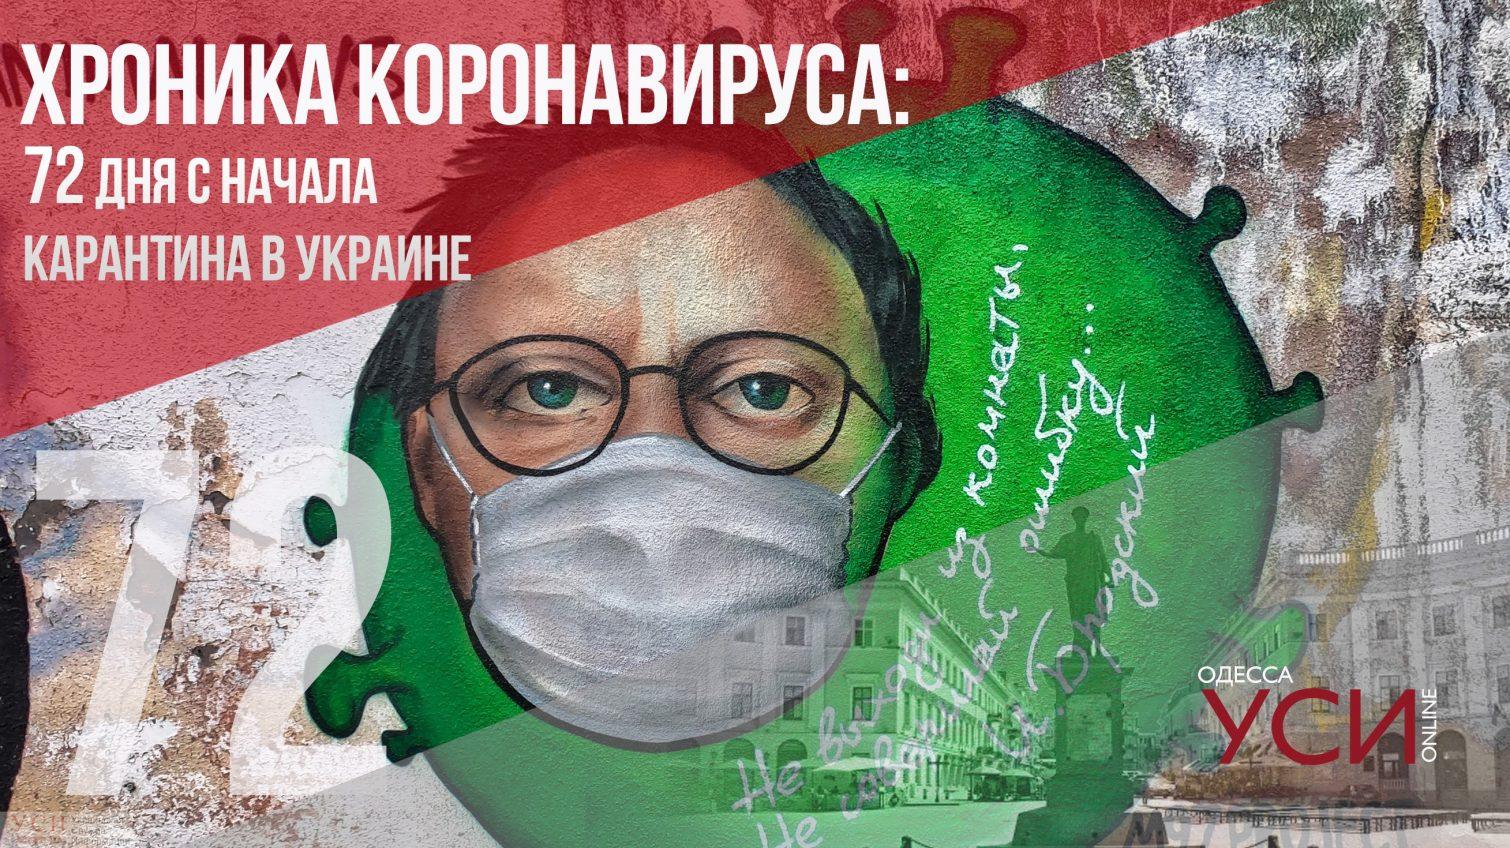 Хроника коронавируса: 72 день карантина в Украине ОБНОВЛЯЕТСЯ «фото»